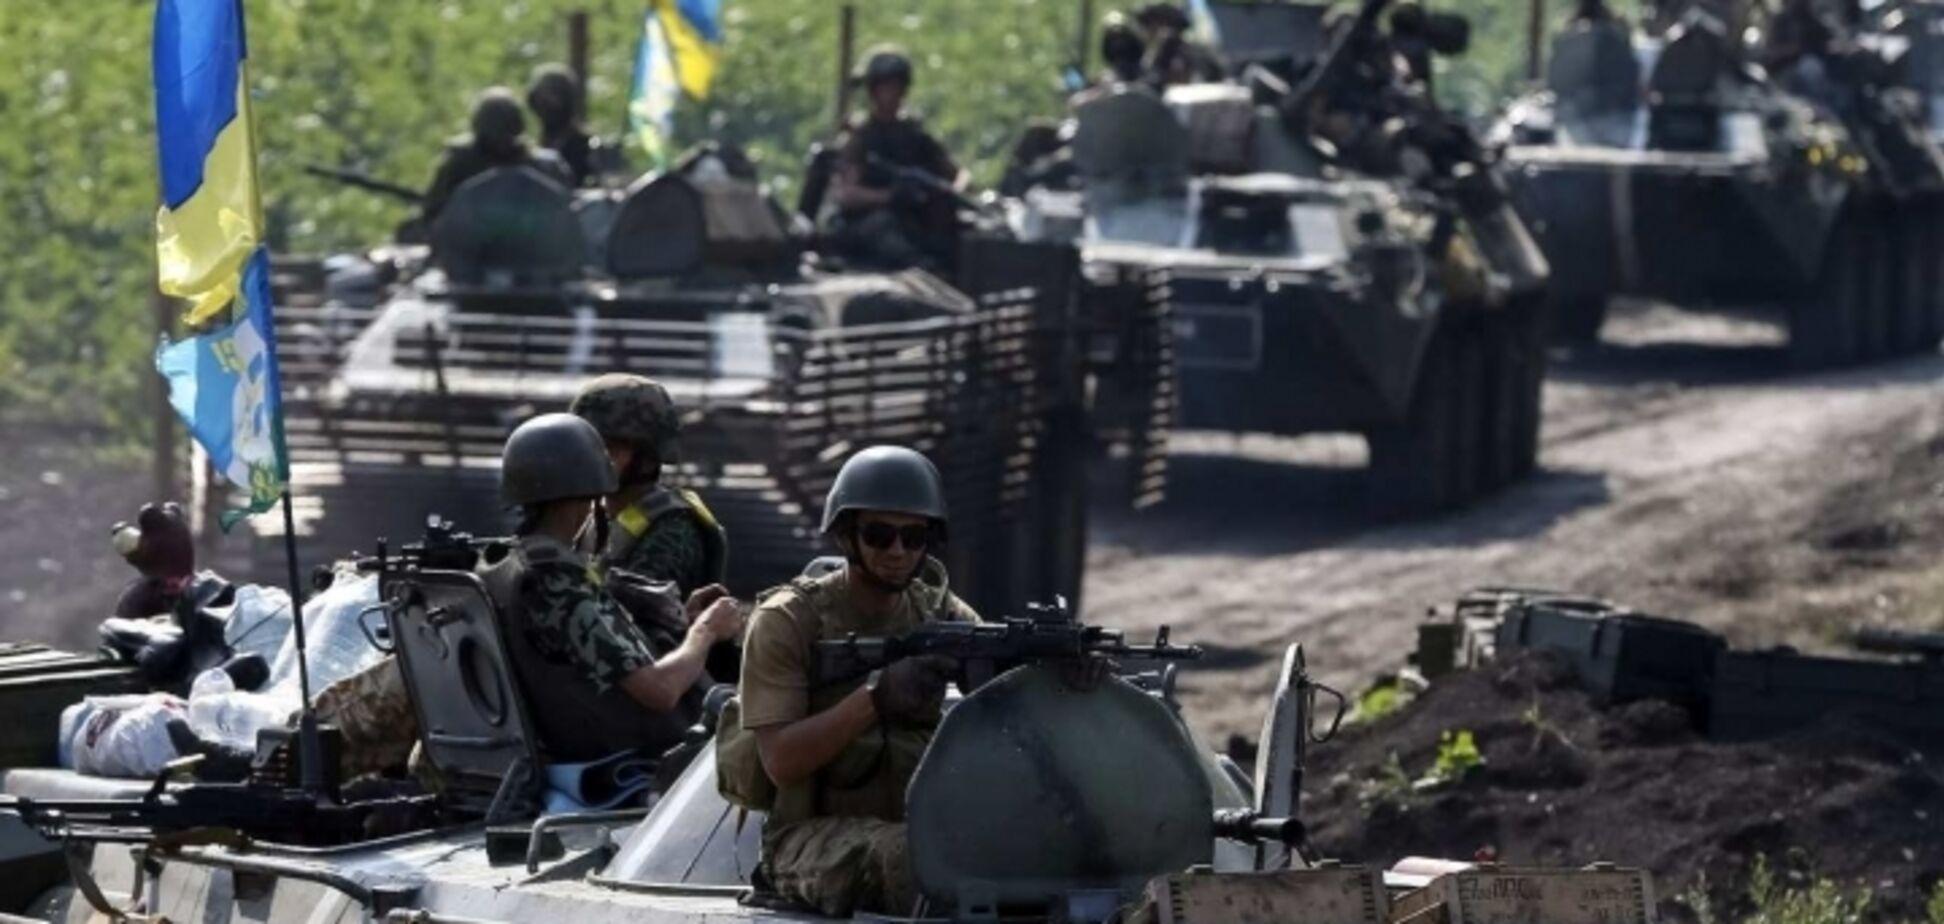 Україна повернула під контроль частину Донбасу: в ЗСУ повідомили деталі